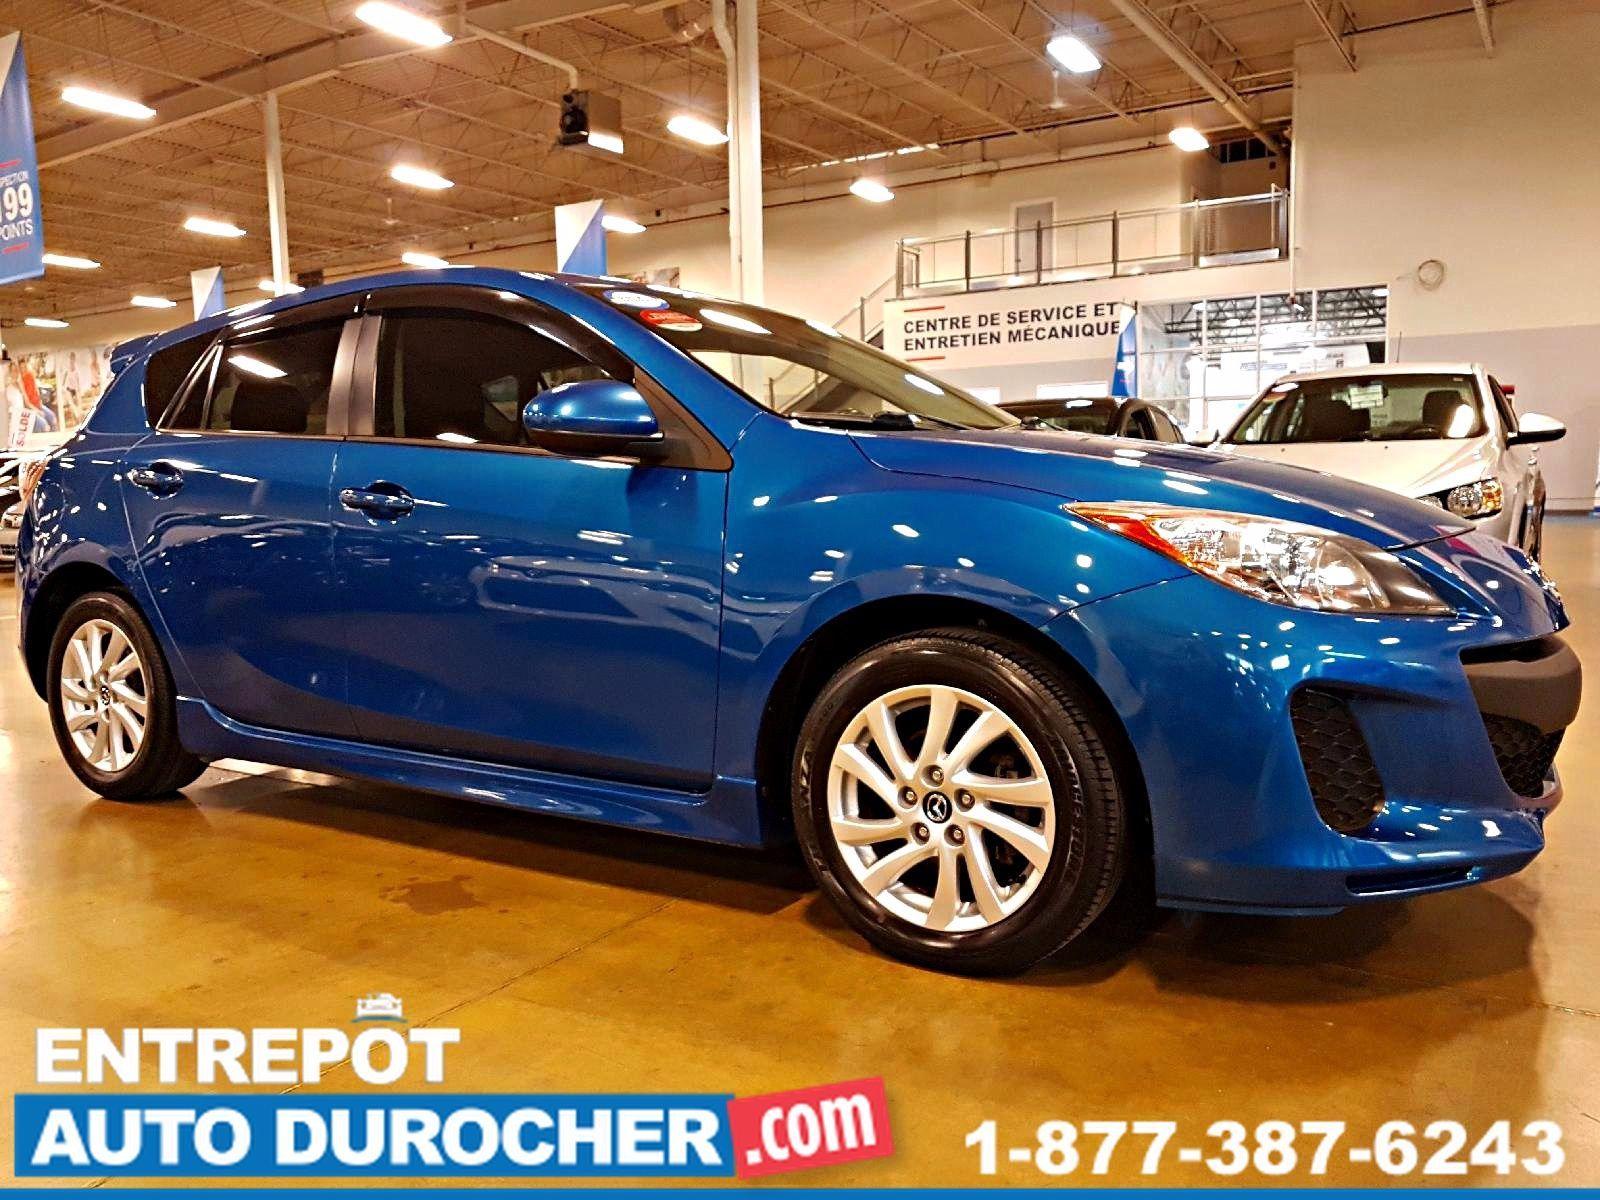 2013 Mazda Mazda3 GS-SKY - AUTOMATIQUE - AIR CLIMATISÉ